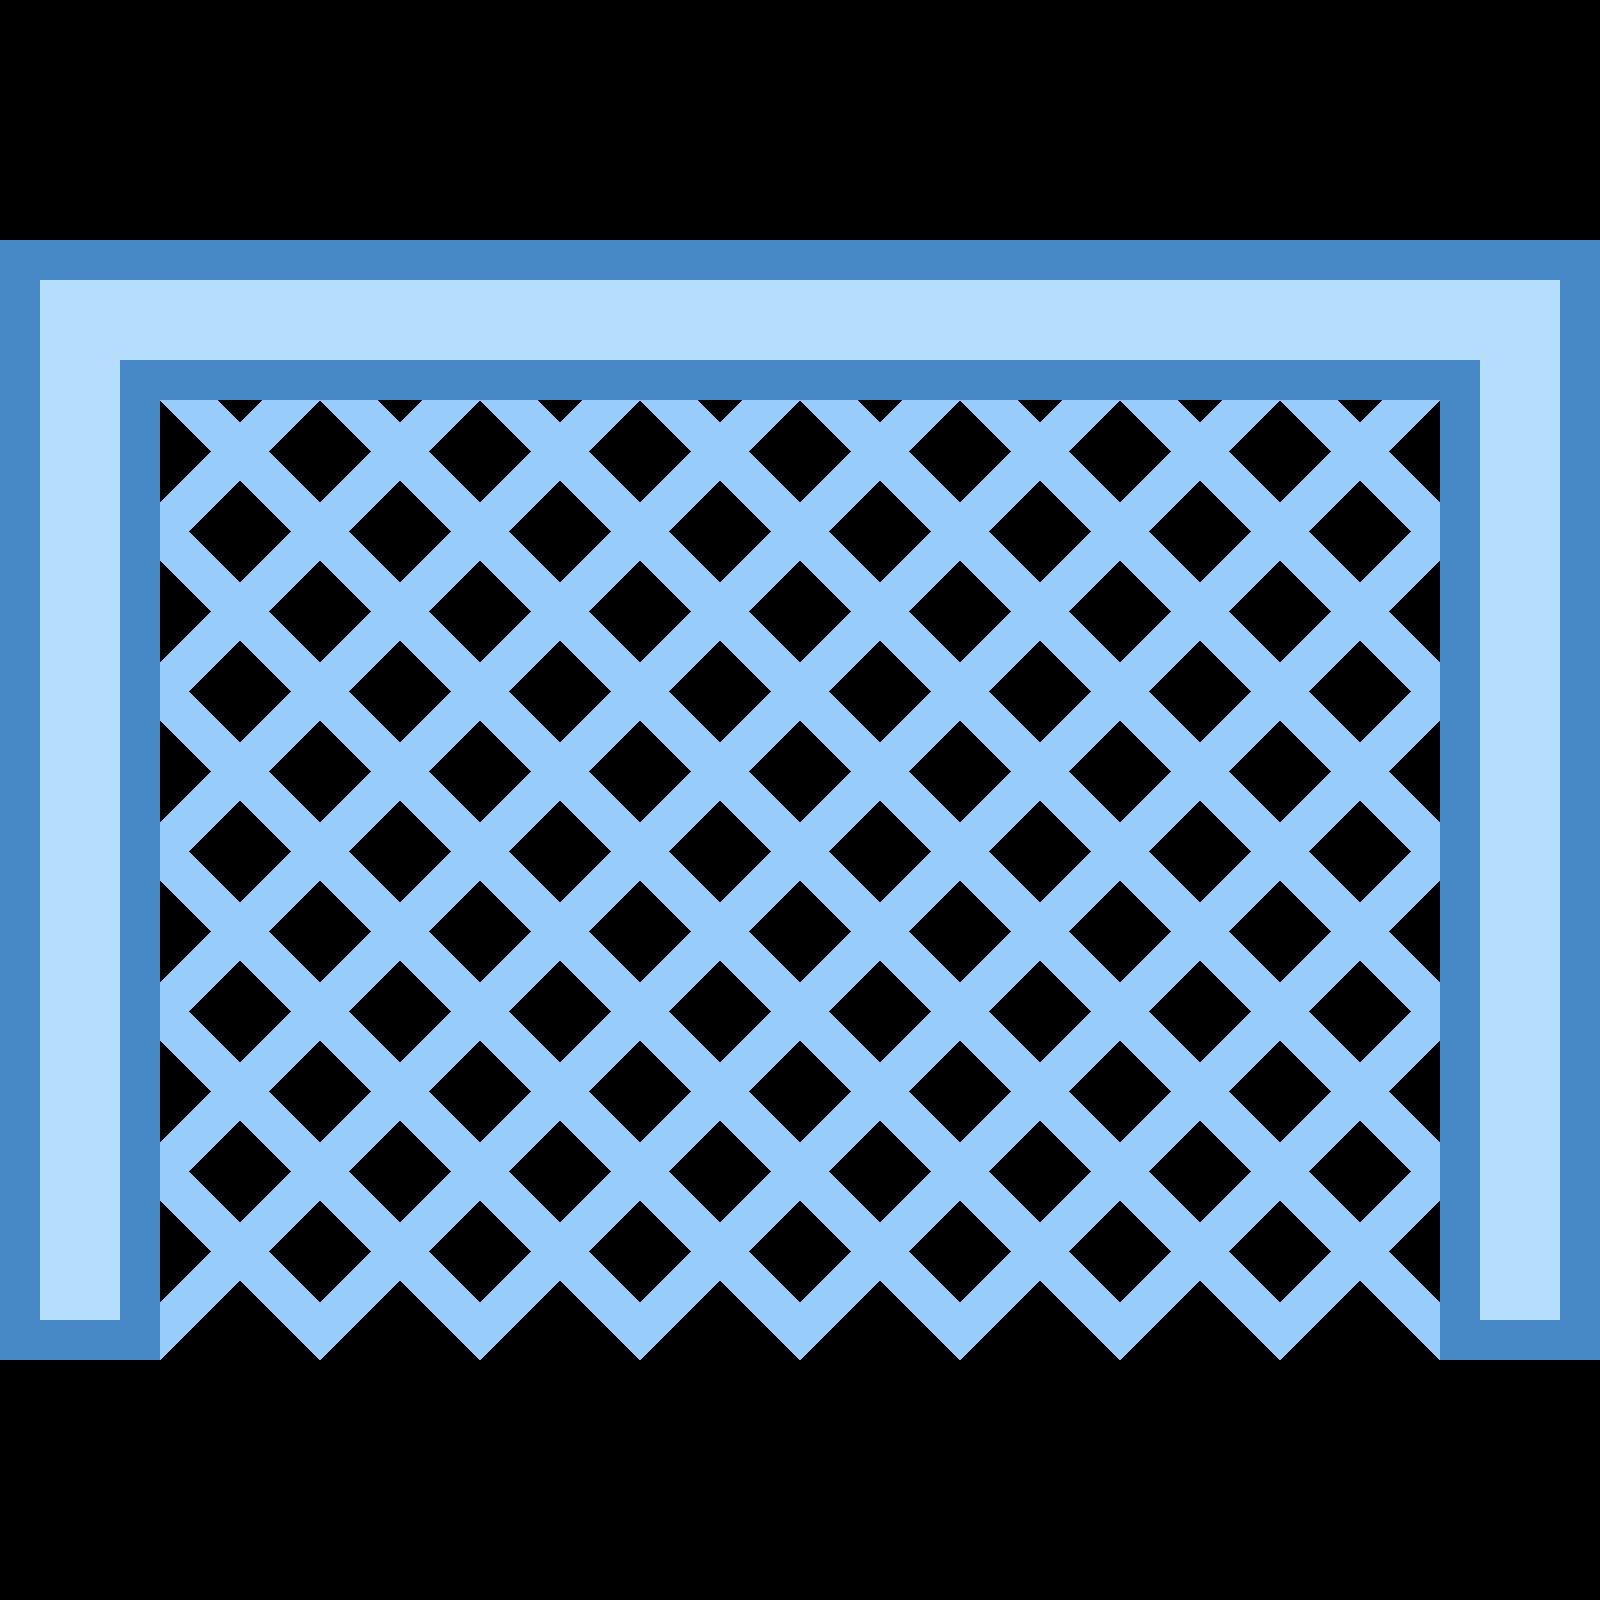 Bramka icon